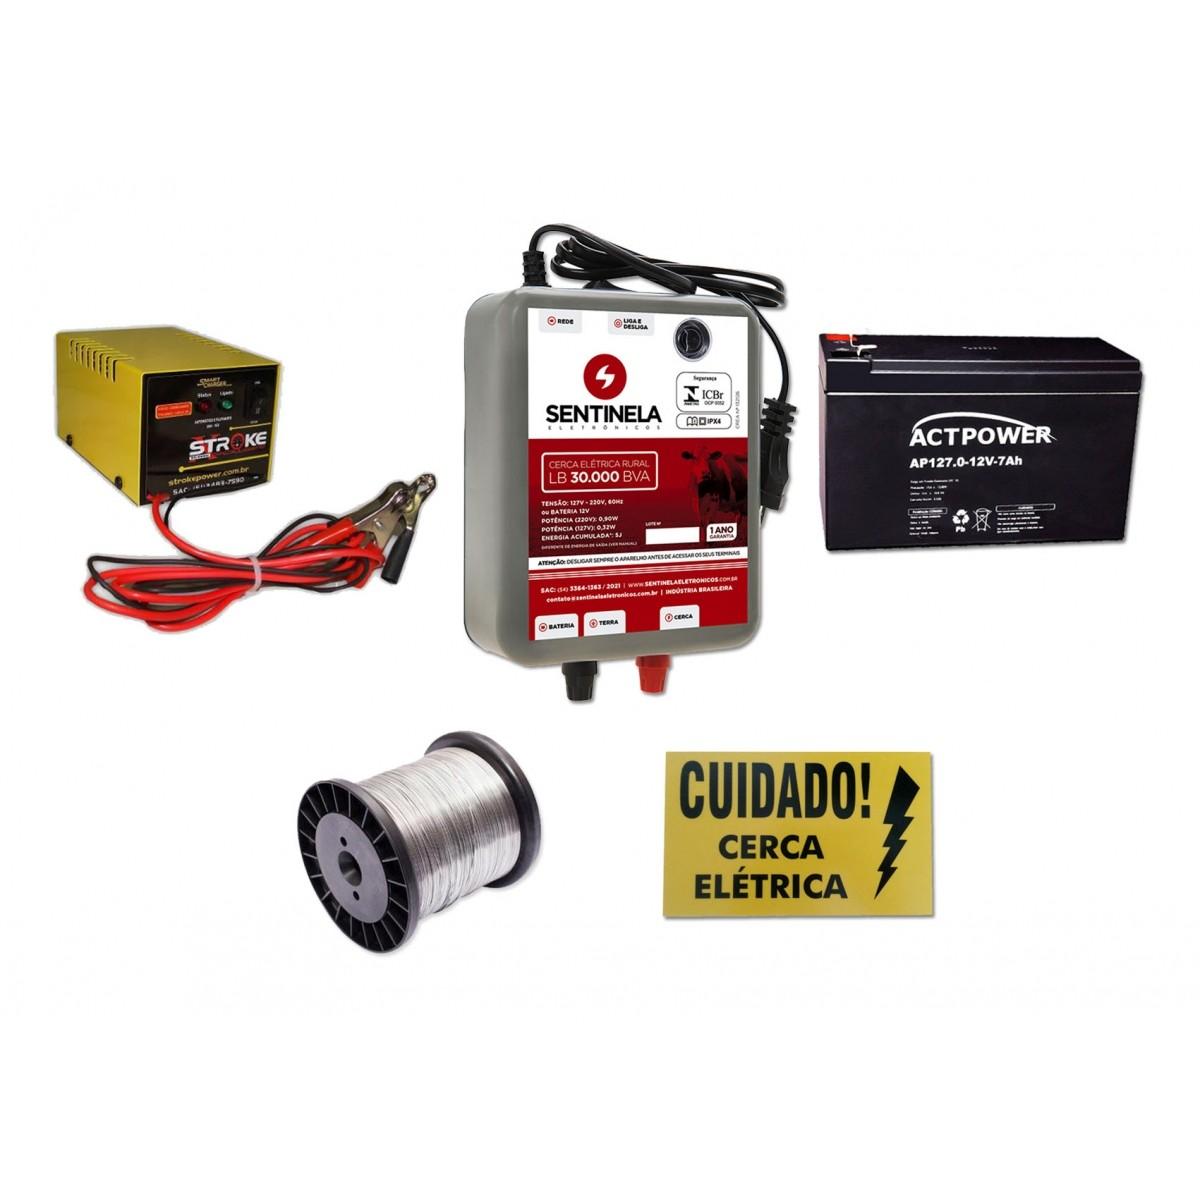 kIt Eletrificador de Cerca Rural 30km Bivolt + Bateria 7ah Vrla + Carregador 3ah + Arame + Placa